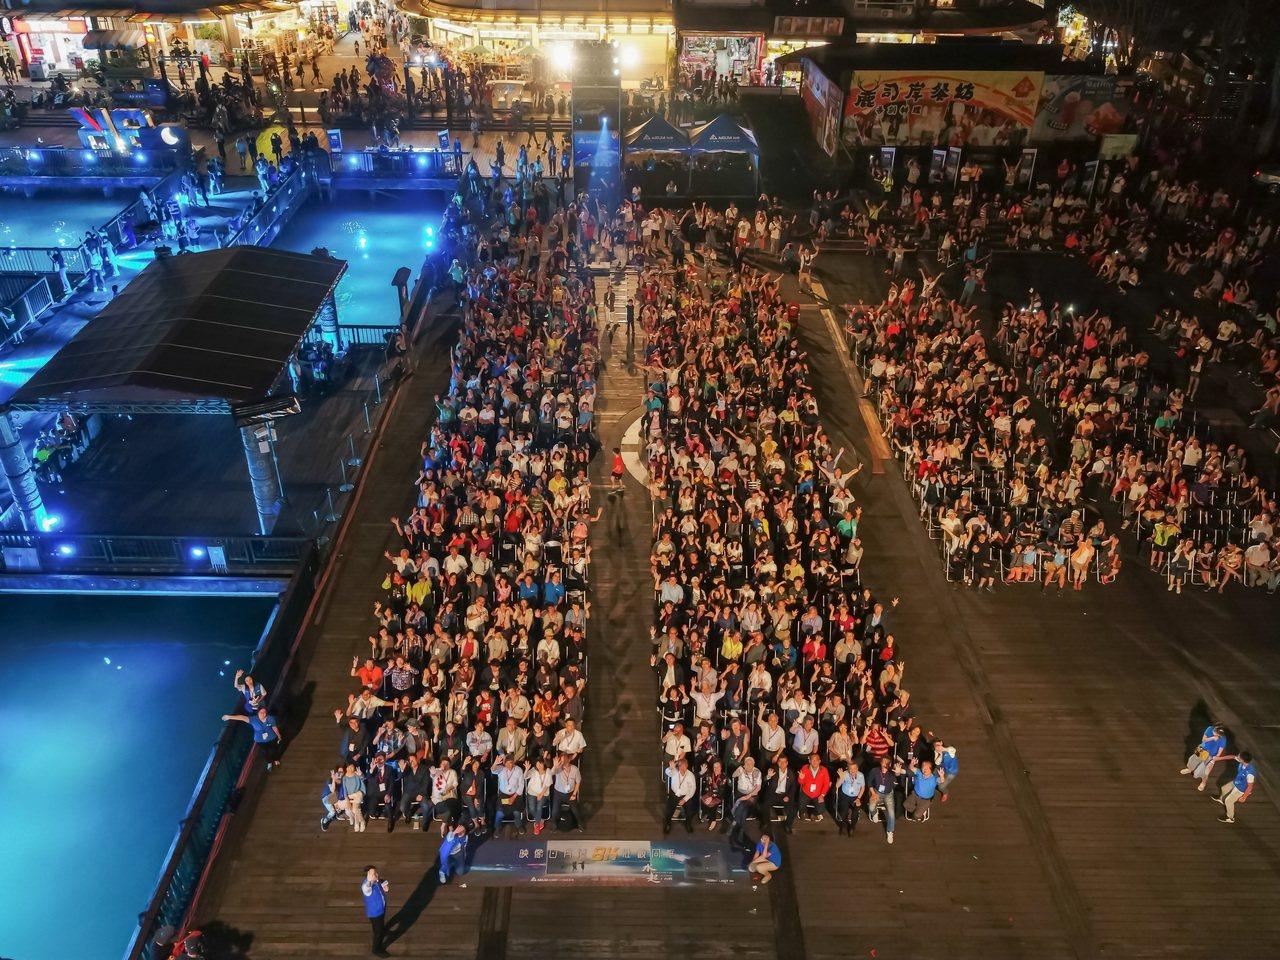 千人齊聚日月潭,同框觀賞8K的《水起.台灣》。圖片提供/台達電子文教基金會